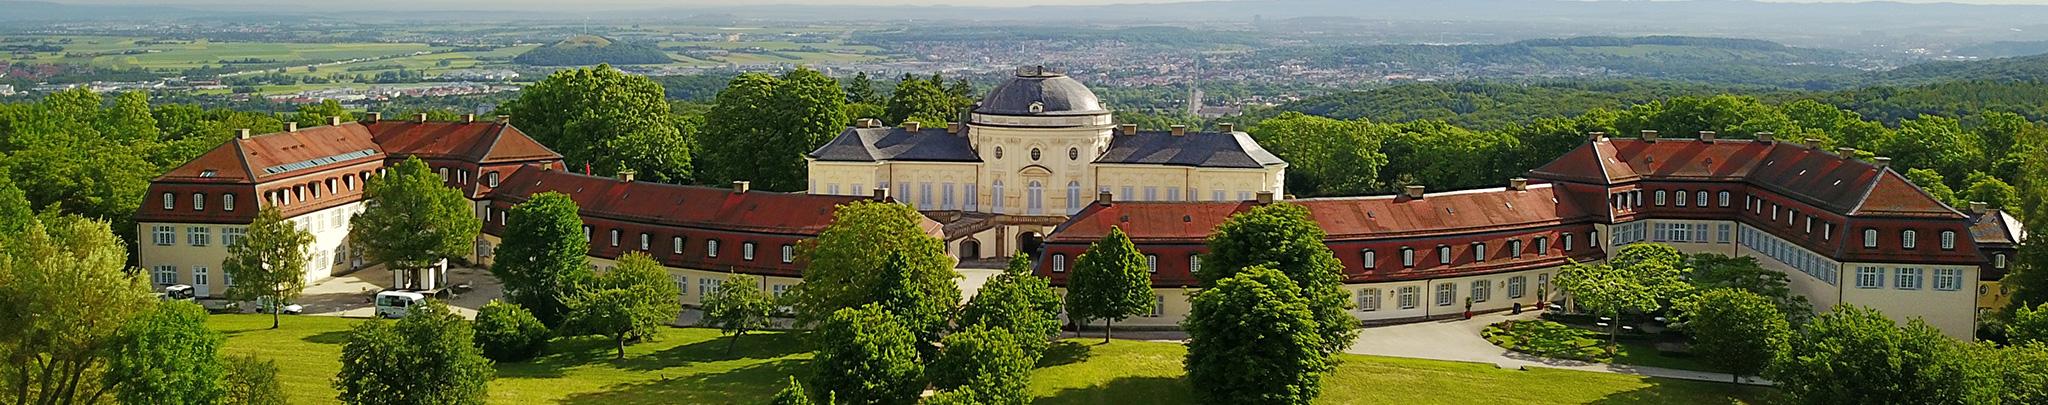 Luftbild Weilimdorf Schloss Solitude. Foto © Hans-Martin Goede